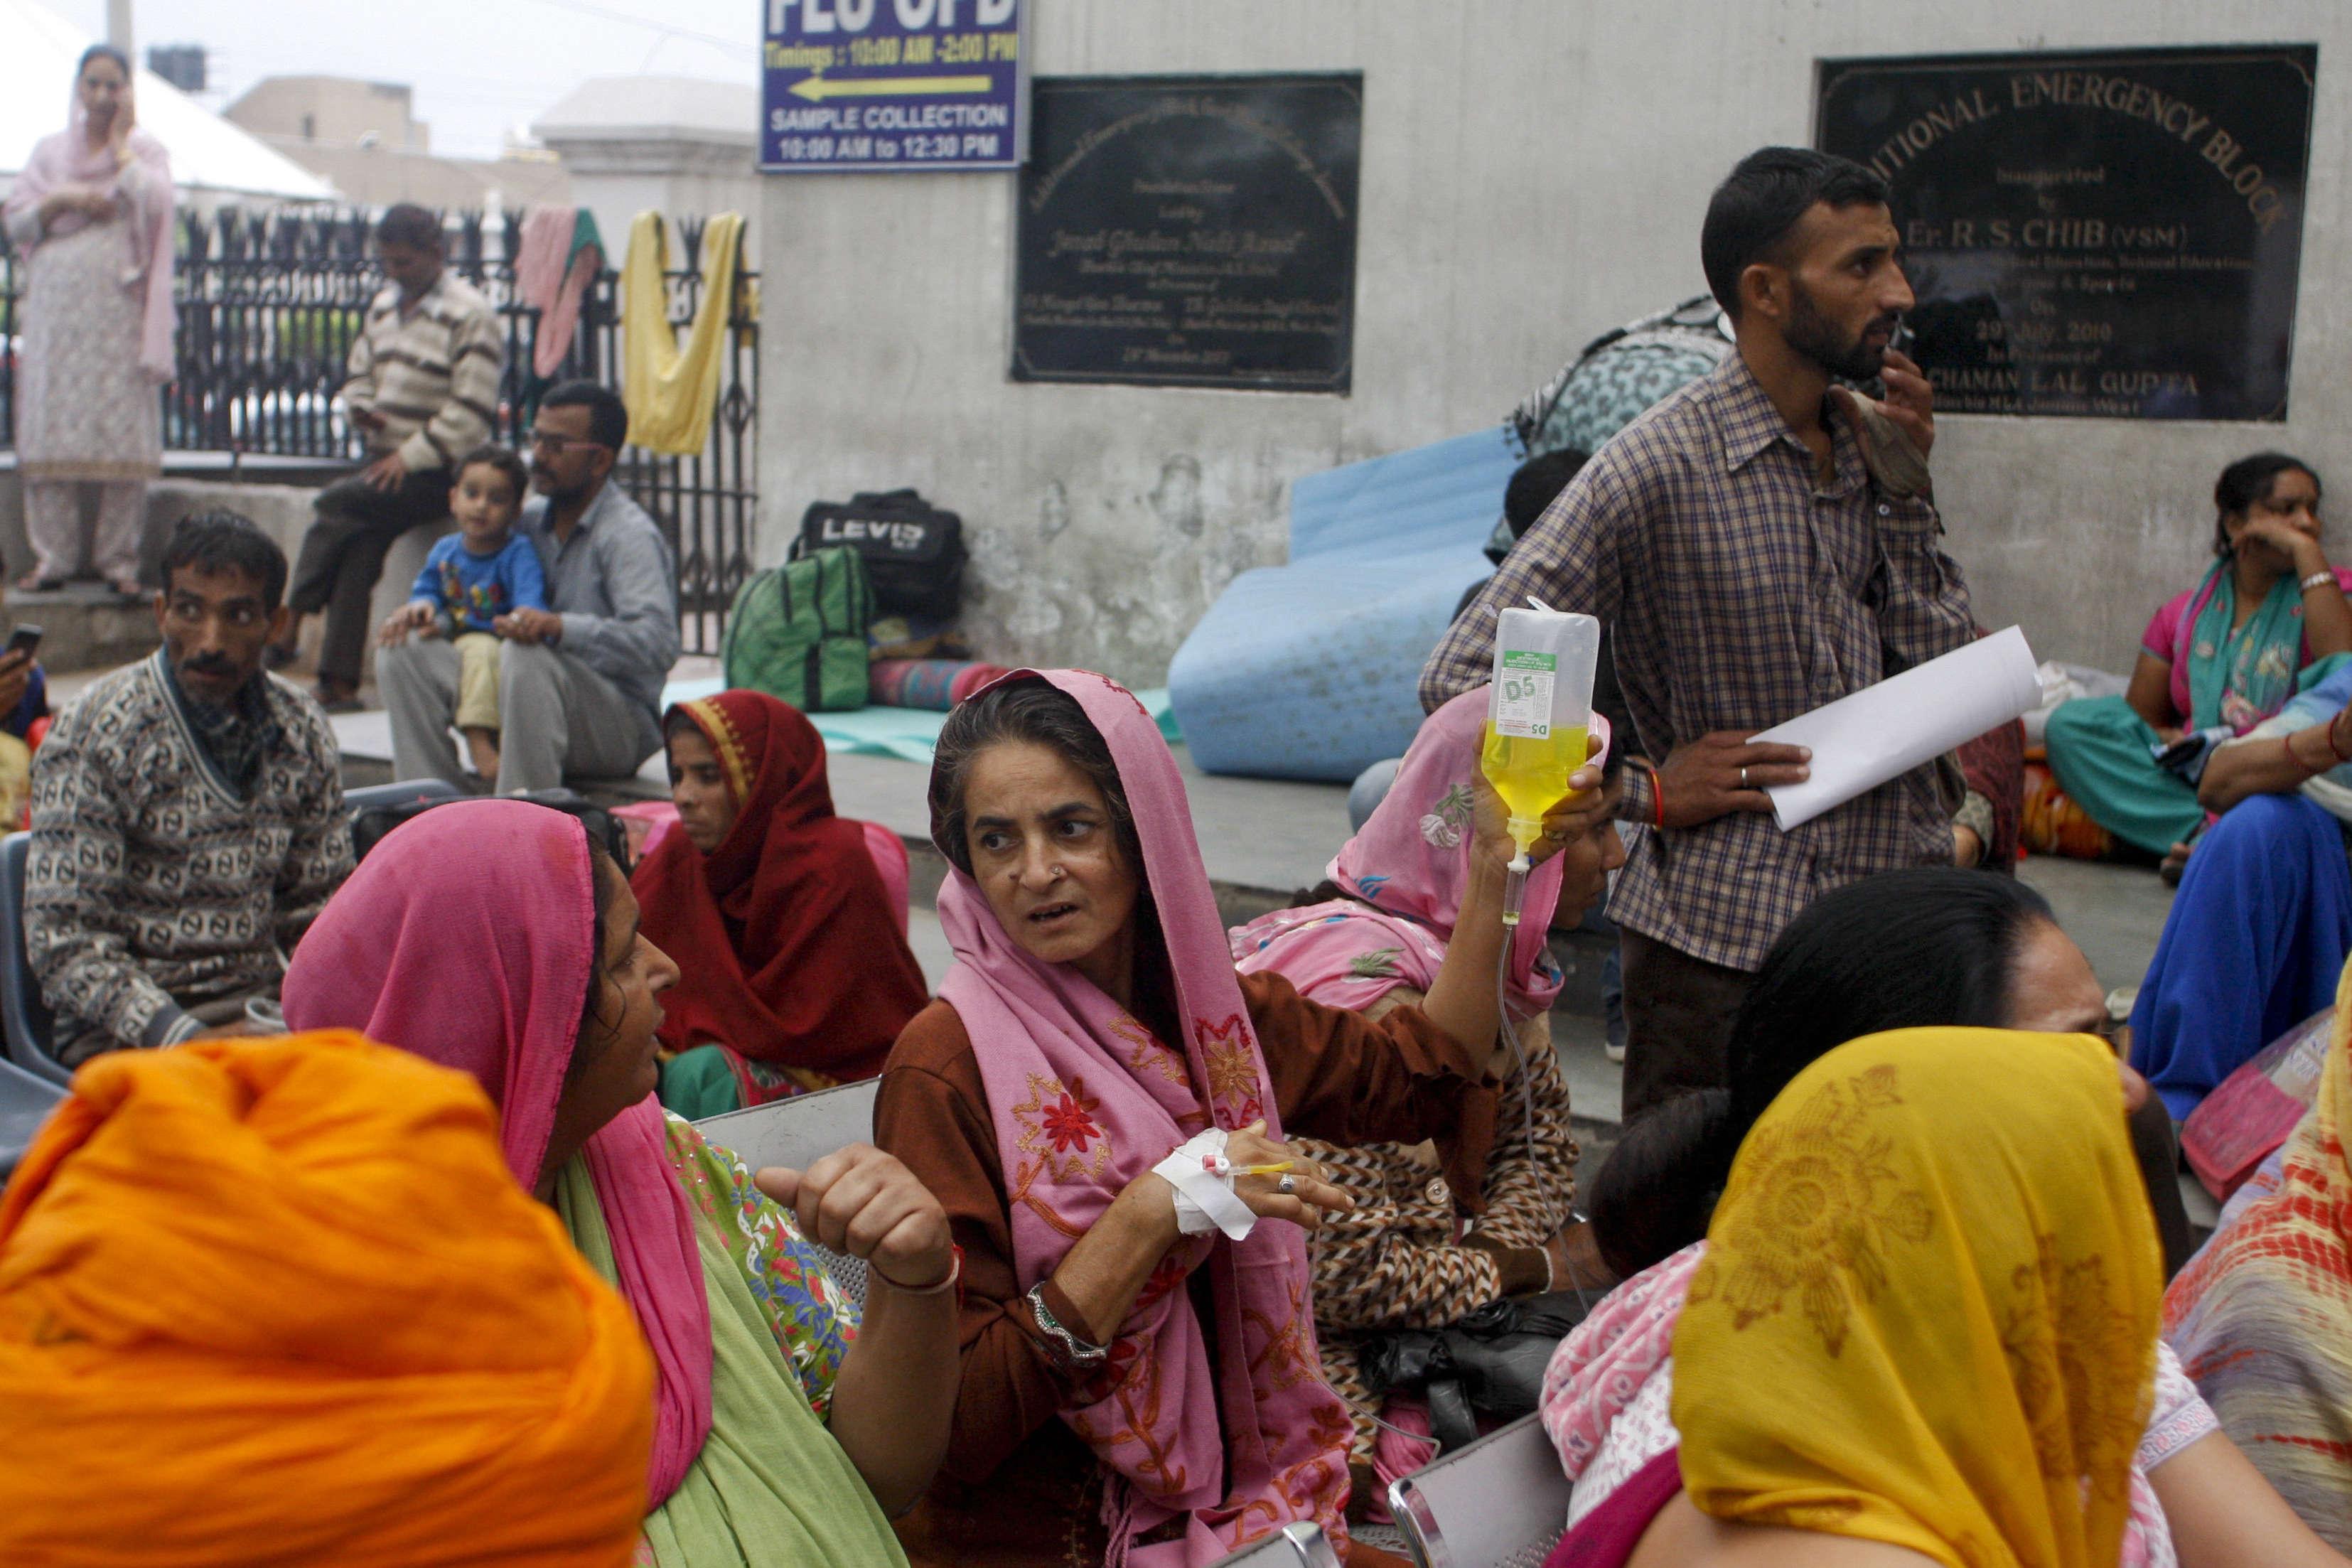 Des patients d'un hôpital de Jammu, en Inde, ont été conduits à l'extérieur par mesure de sécurité. A New Delhi, le tremblement de terre a été ressenti plus violemment que lors du séisme qui avait été fortement frappé le Népal en avril.